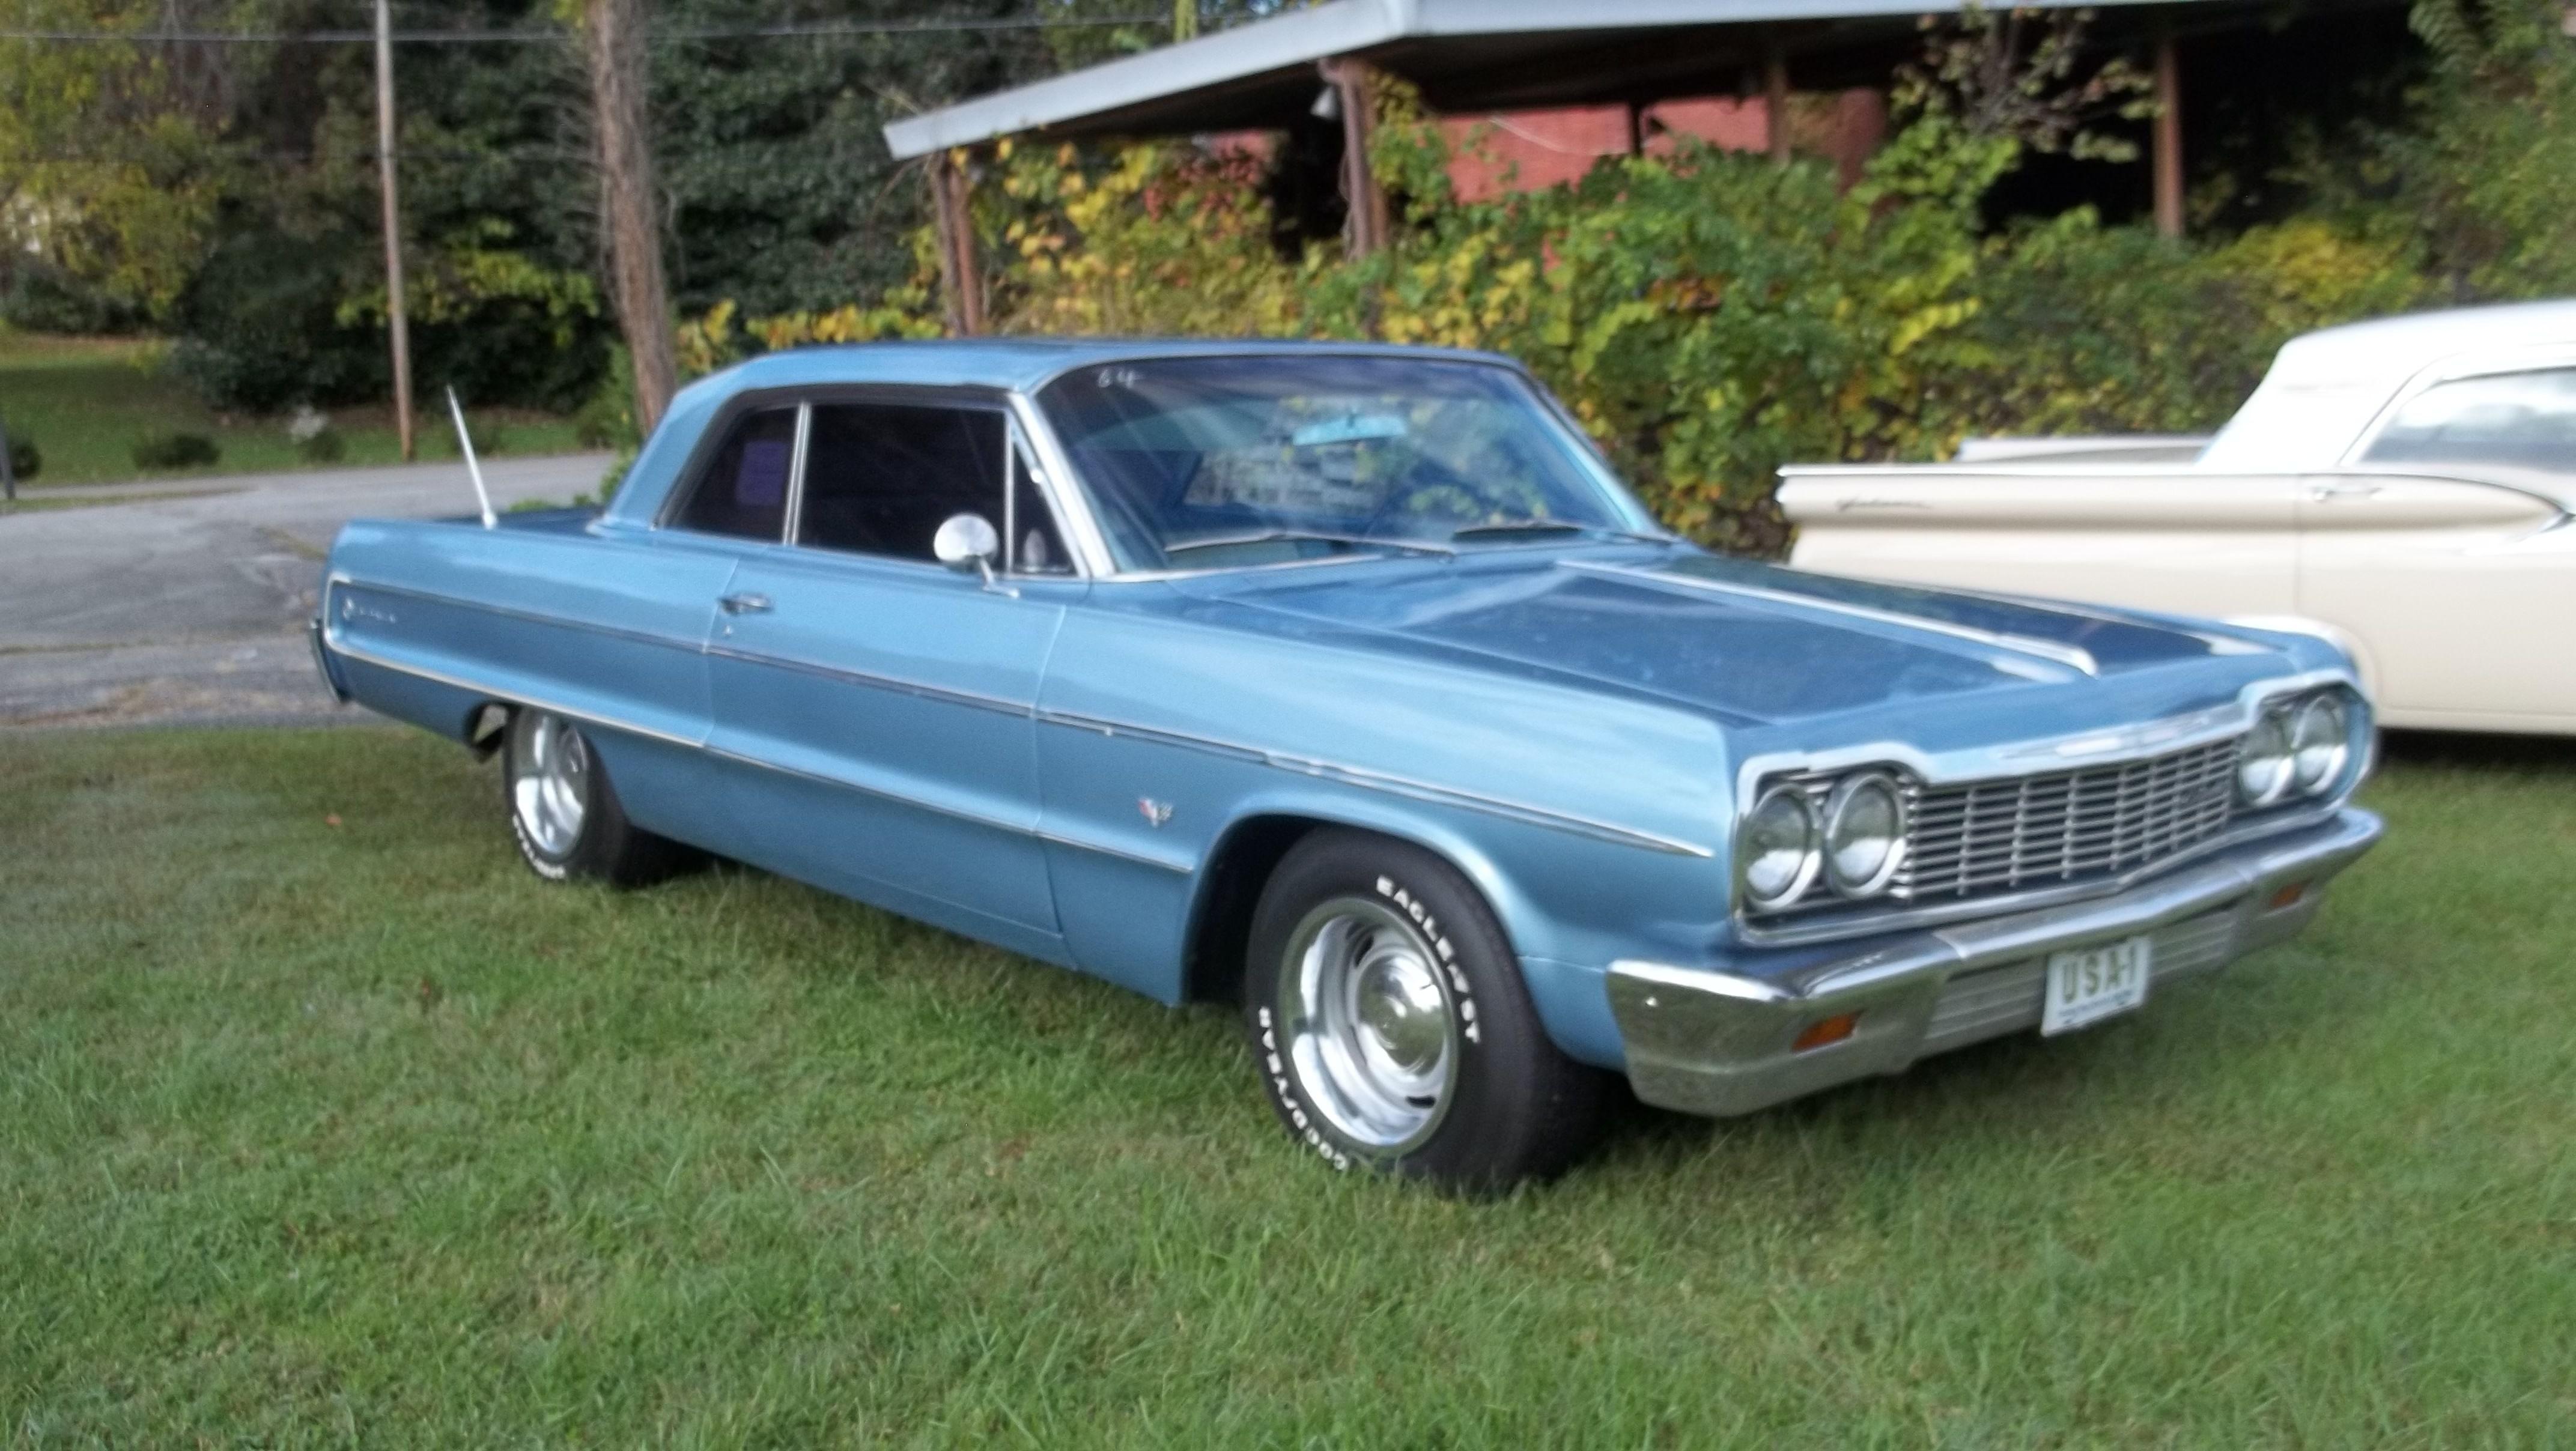 sale sedan for impala beach chevrolet silver bannockburn ls htm park car barrington cars used